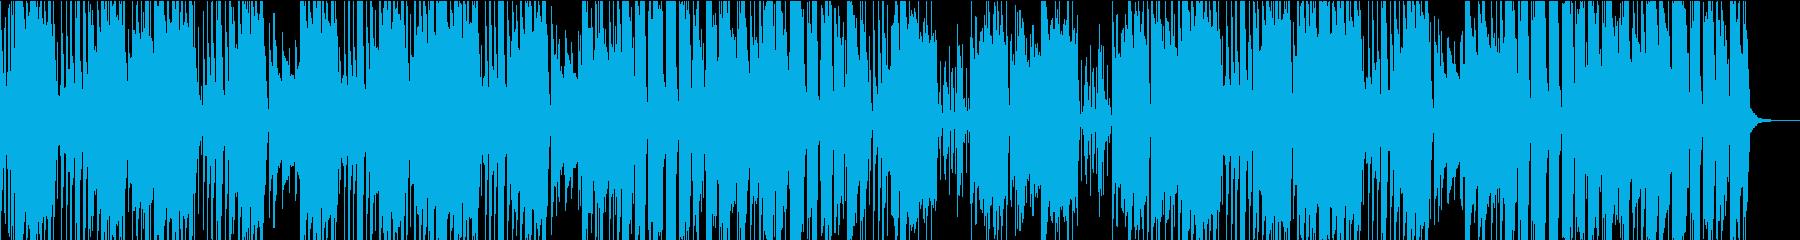 ファンク レトロ お祭り シンセサ...の再生済みの波形